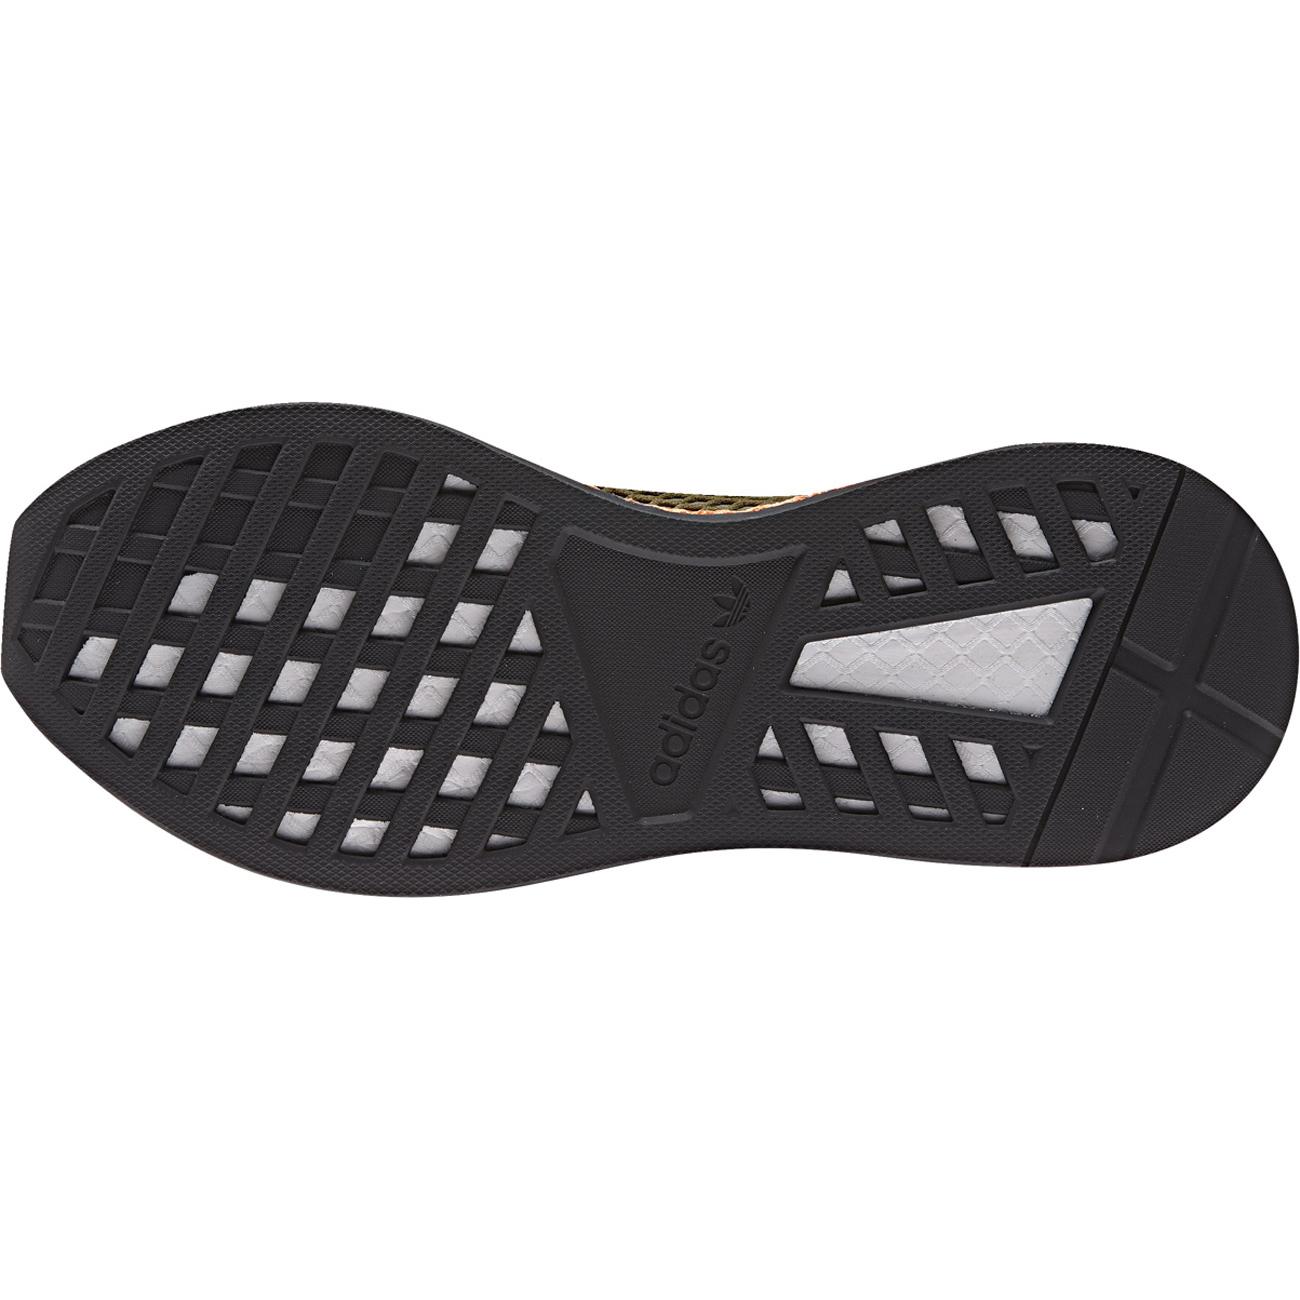 newest collection 6c380 aae09 Adidas Originals Herren Sneaker DEERUPT RUNNER 3